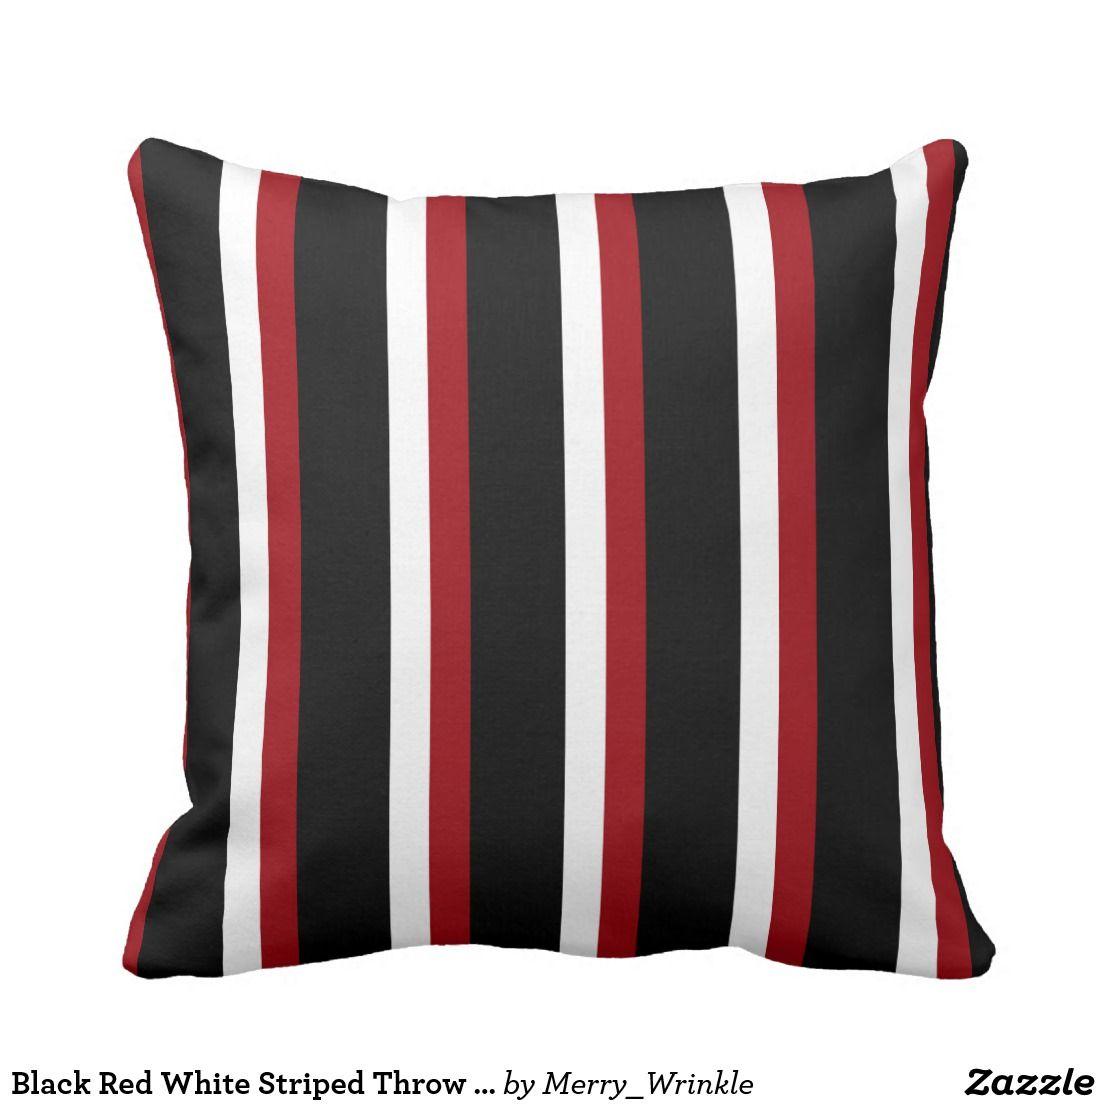 Black Red White Striped Throw Pillow Zazzle Com Stripe Throw Pillow Throw Pillows Striped Throw